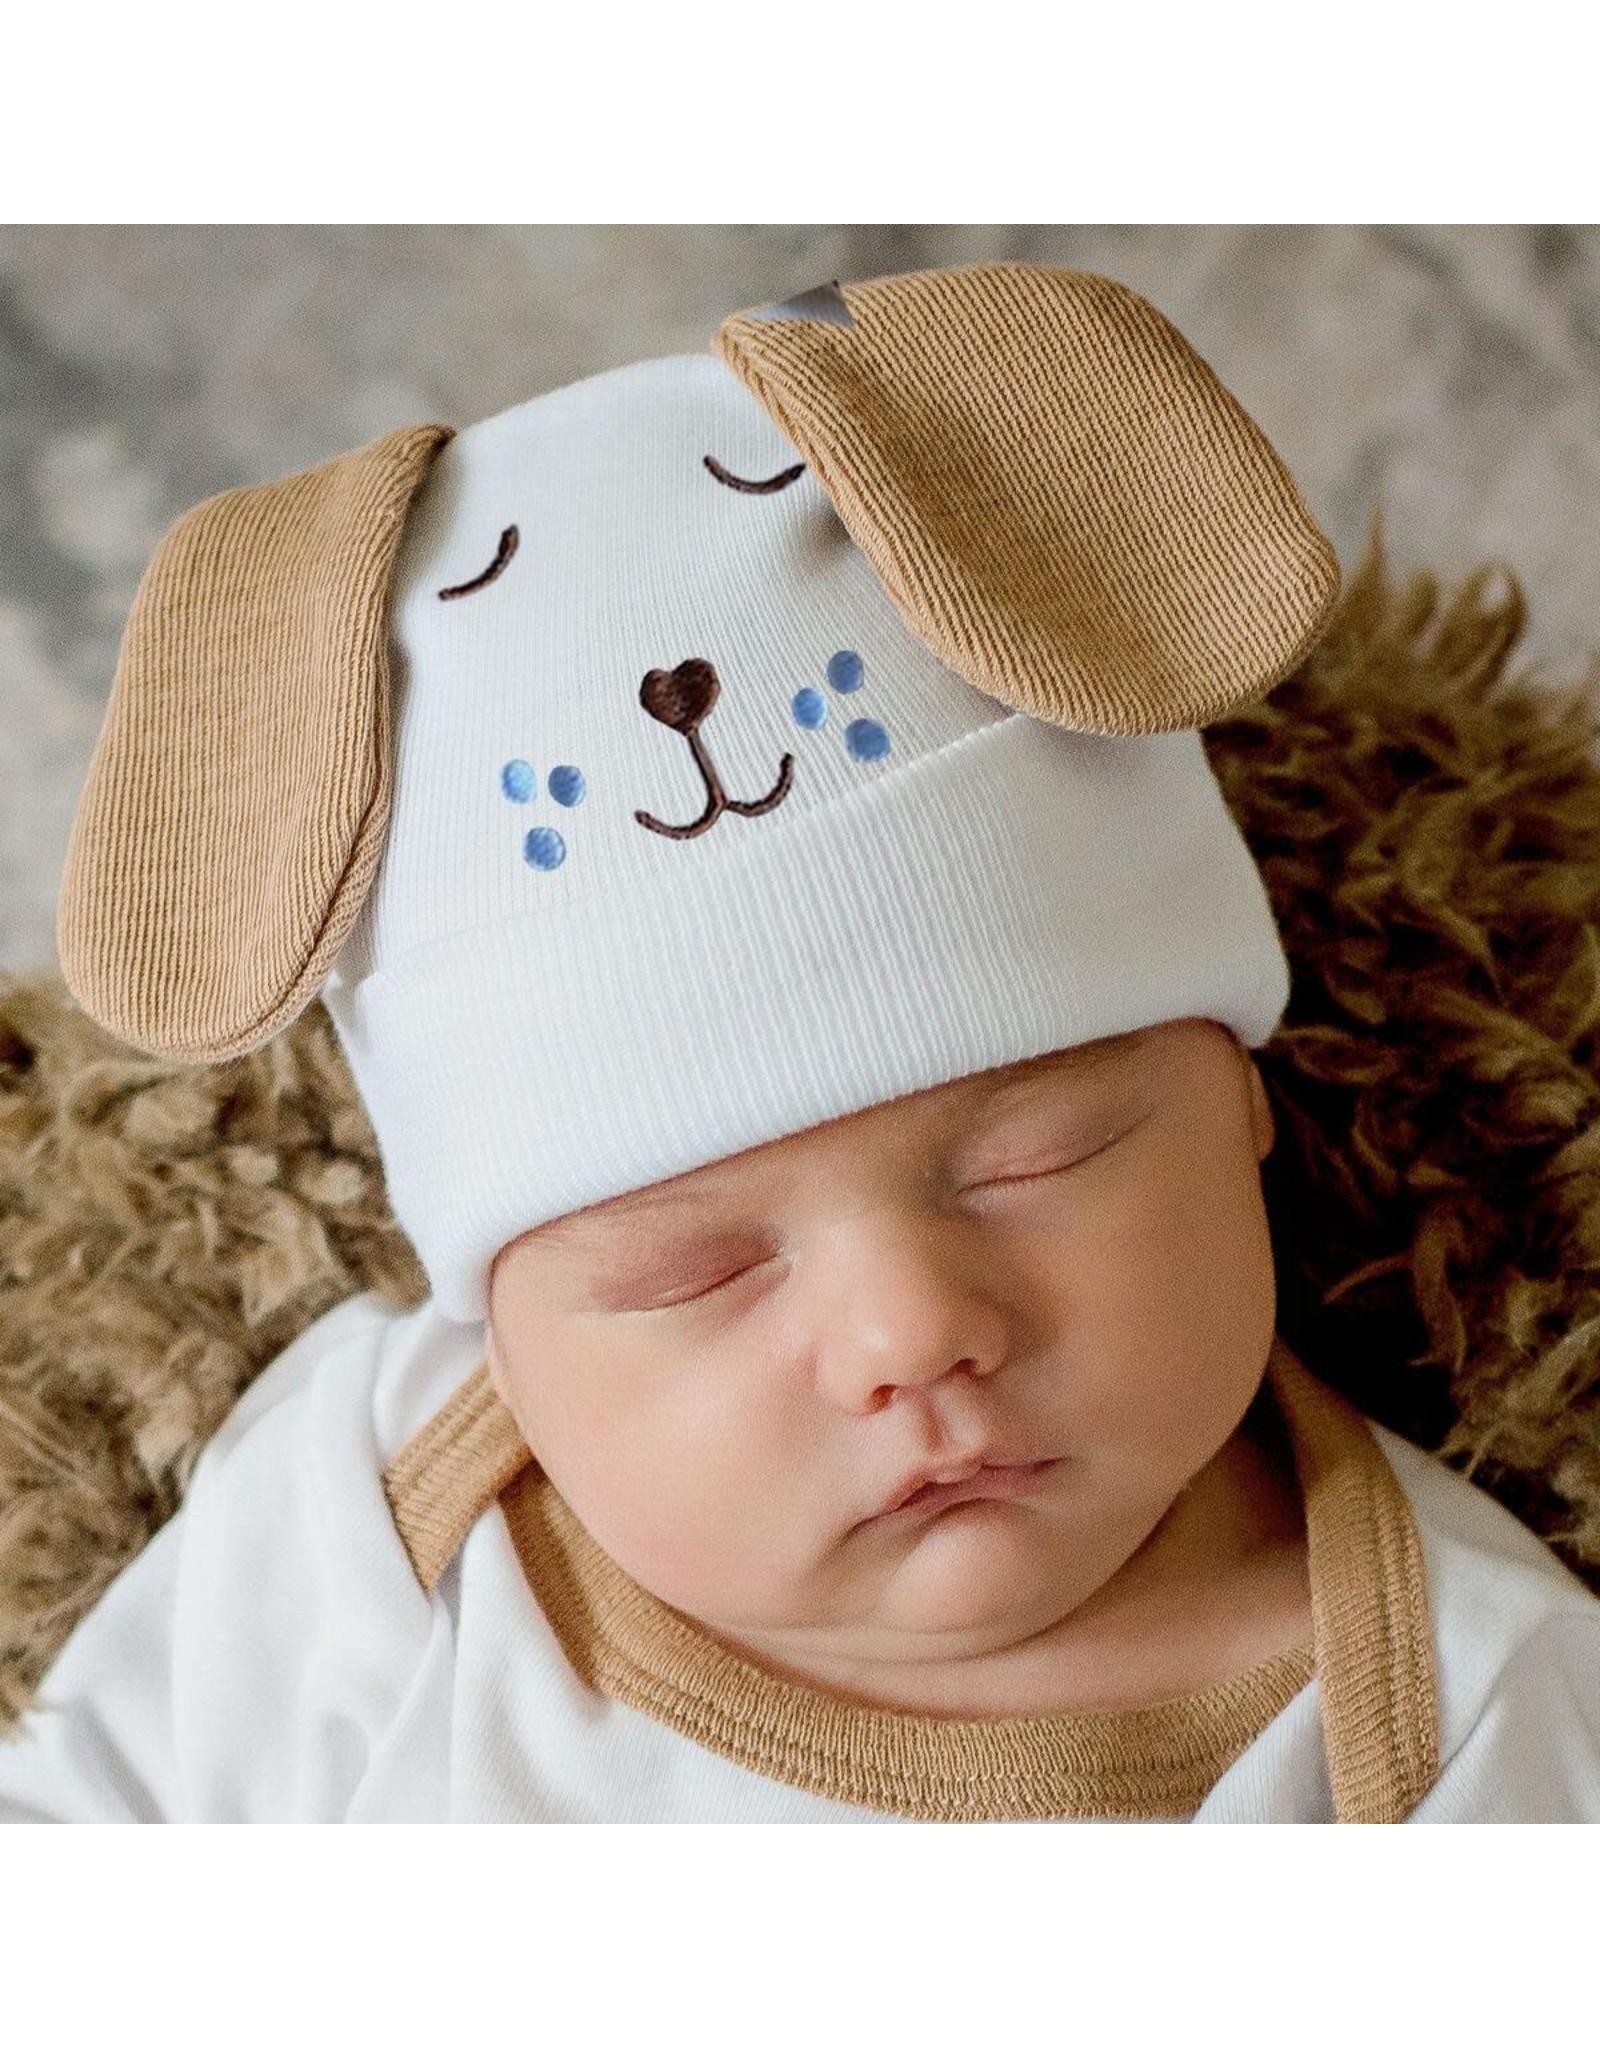 ILYBEAN Ilybean- Puppy Love Nursery Beanie